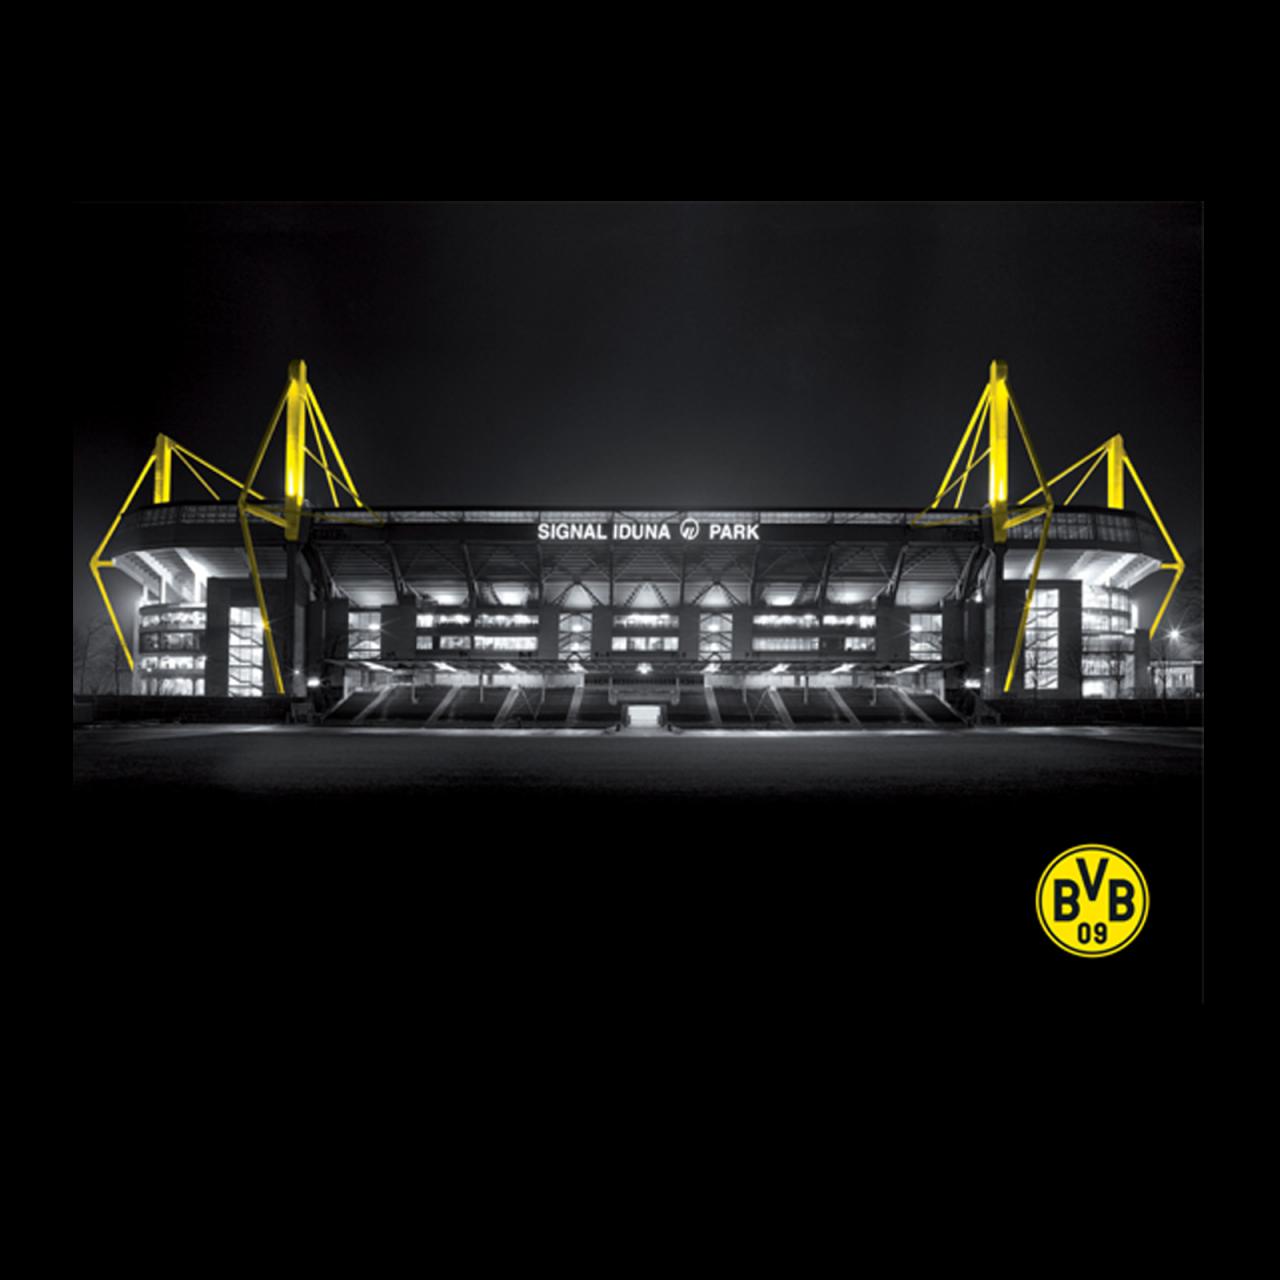 BVB-Stadionposter